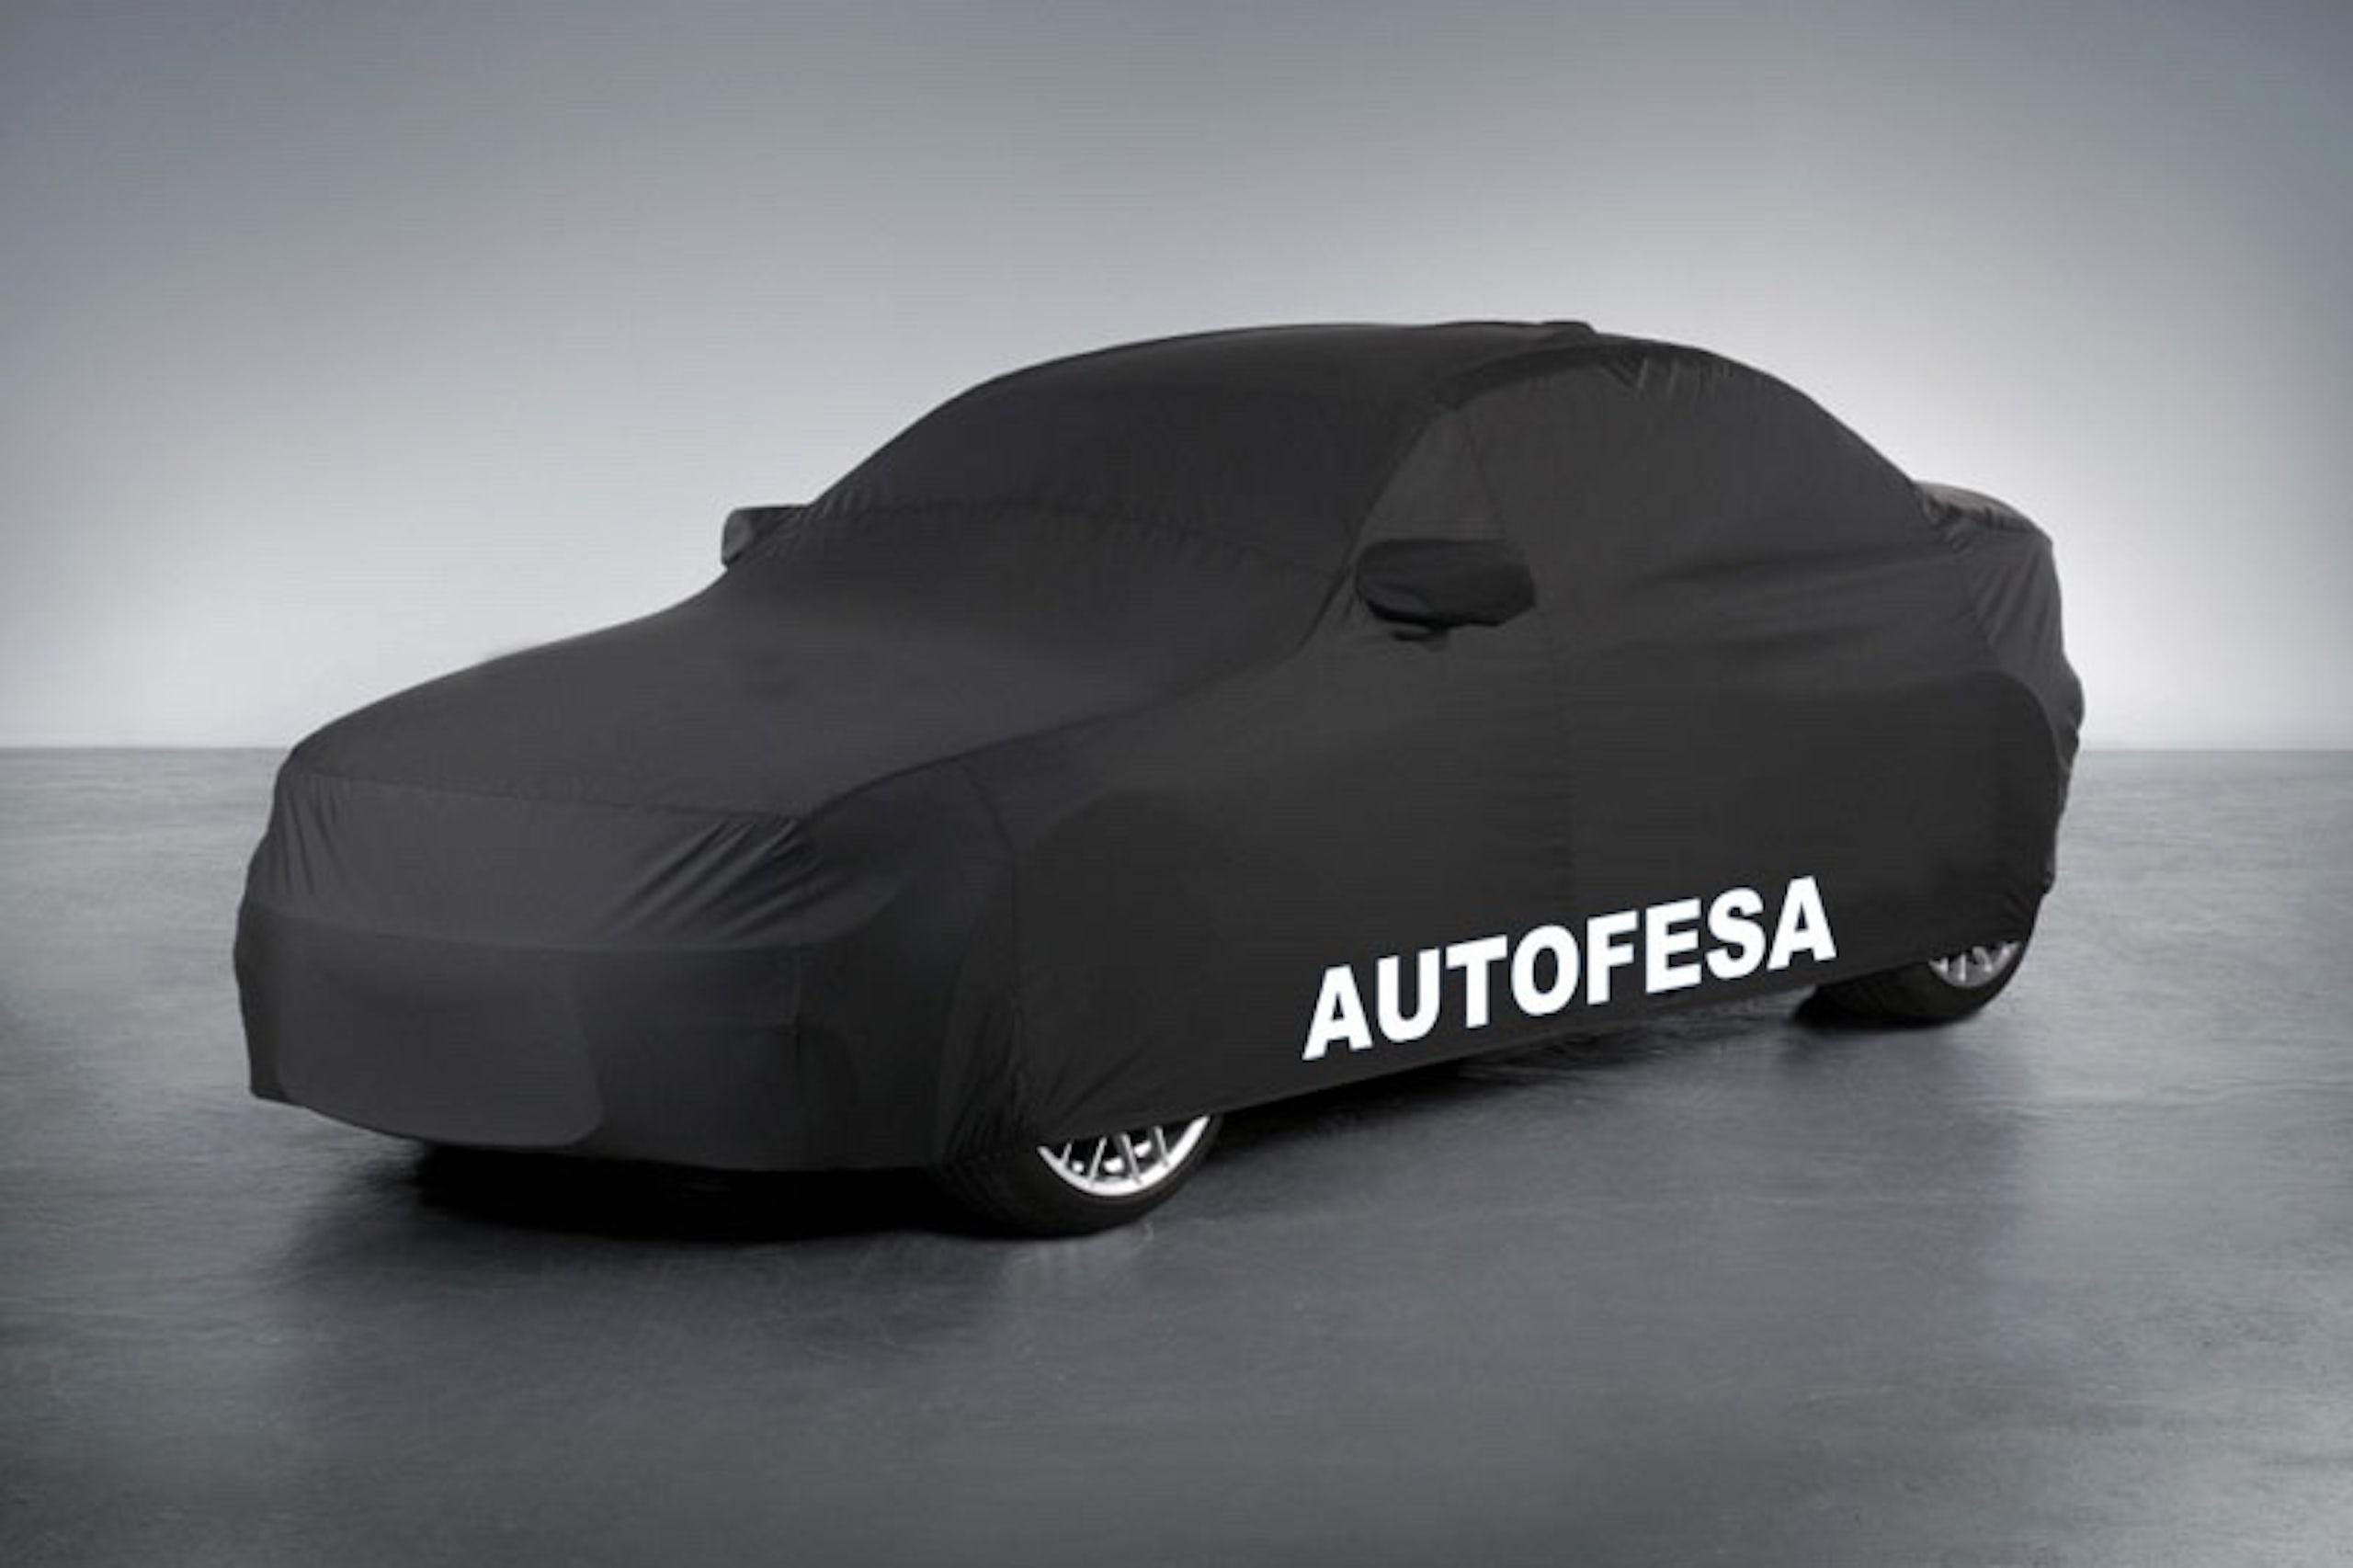 Audi A6 3.0 TDI AVANT 272cv quattro 4p S tronic Auto S/S - Foto 19